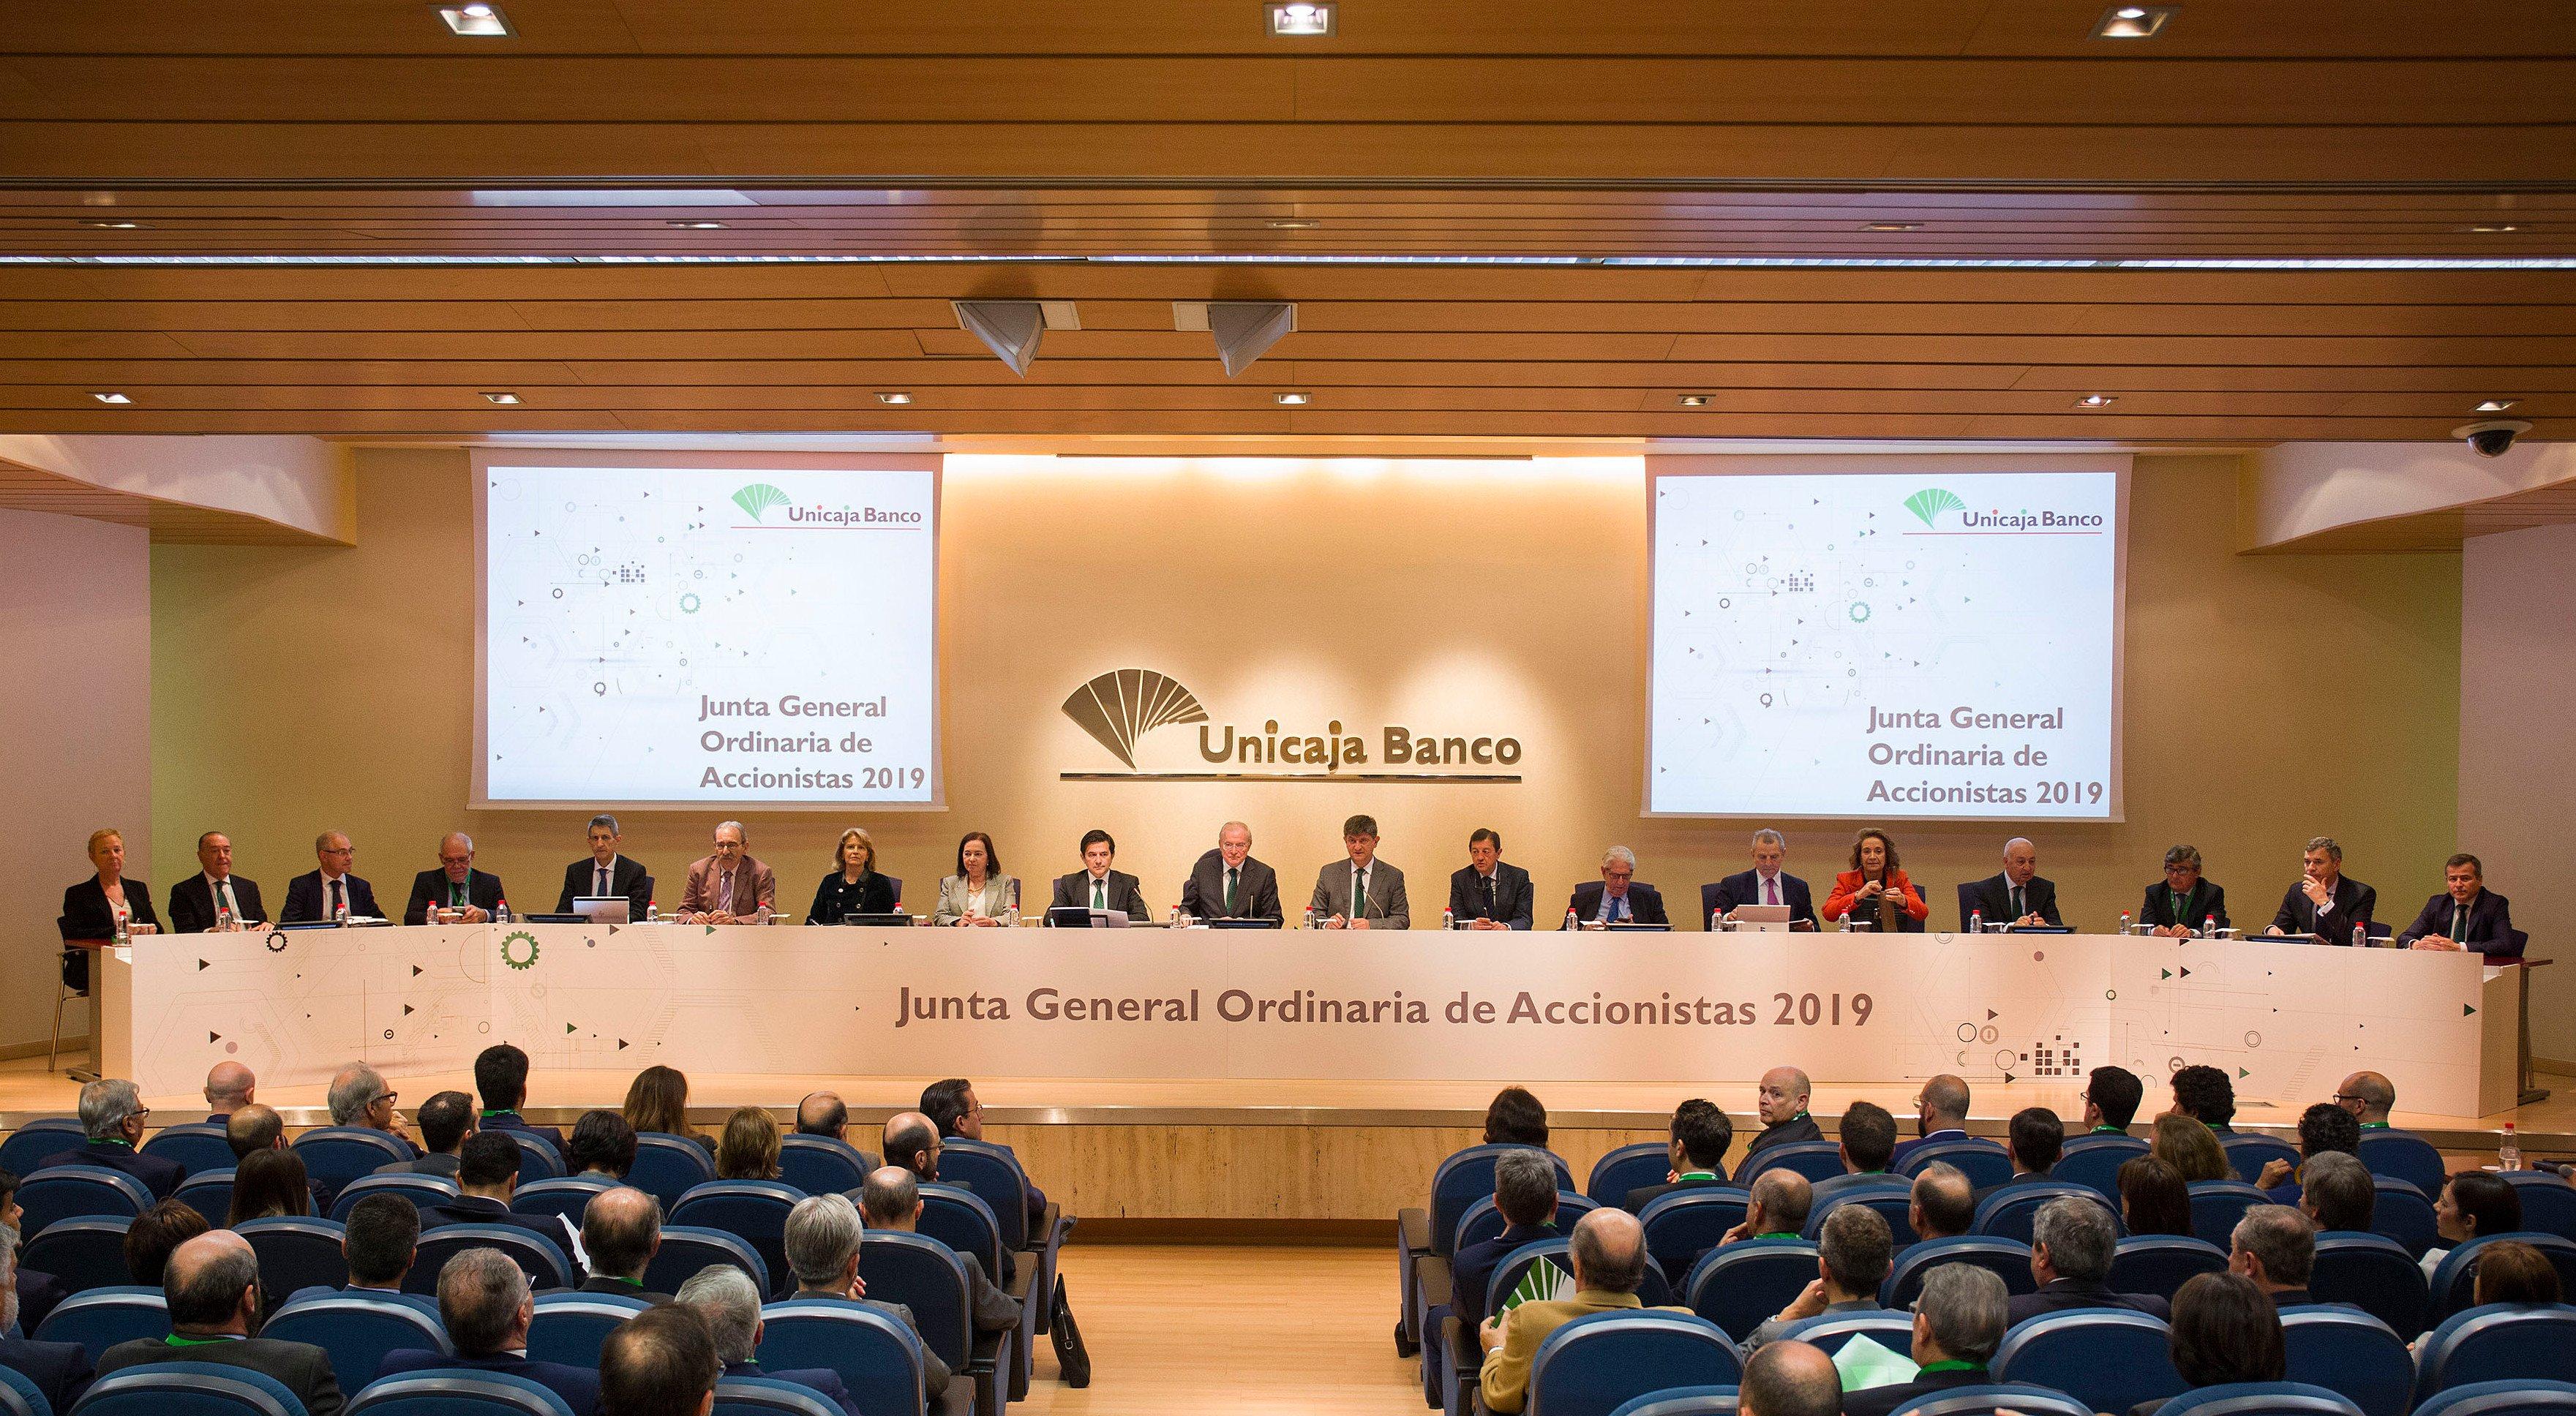 Unicaja_Banco._Junta_de_Accionistas_2019